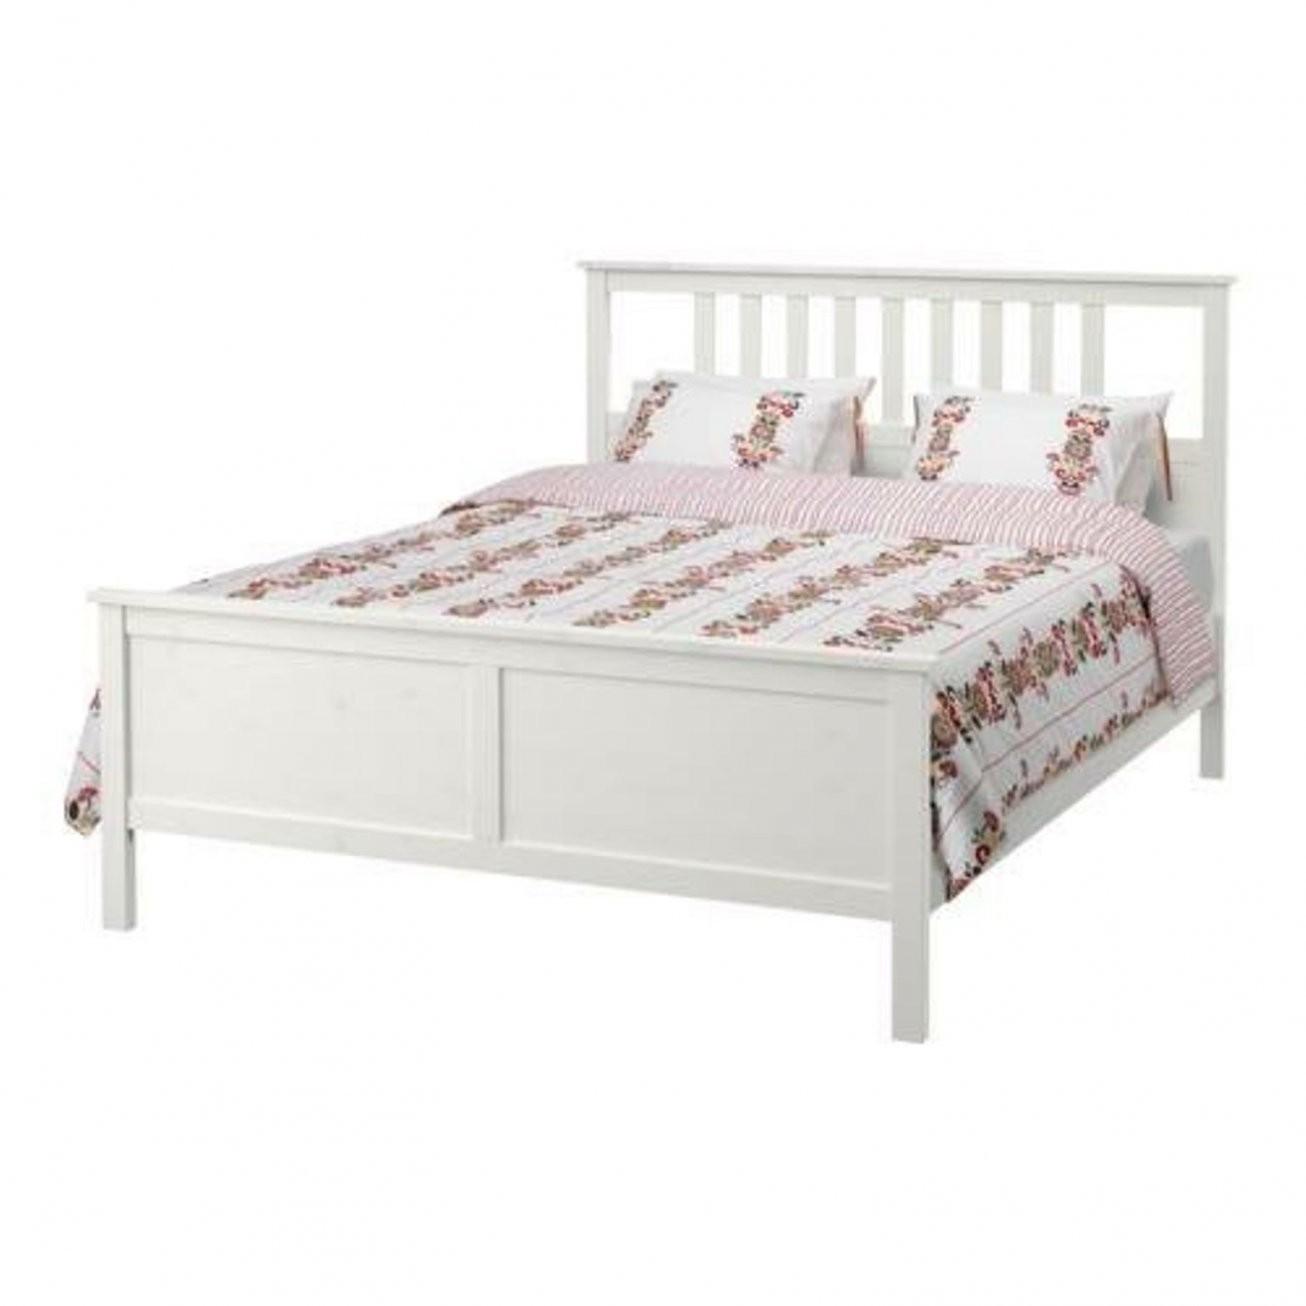 Gebraucht Hemnes Bett 140X200 Inkl Lattenrost &matratze In 60318 von Hemnes Bett 140X200 Photo